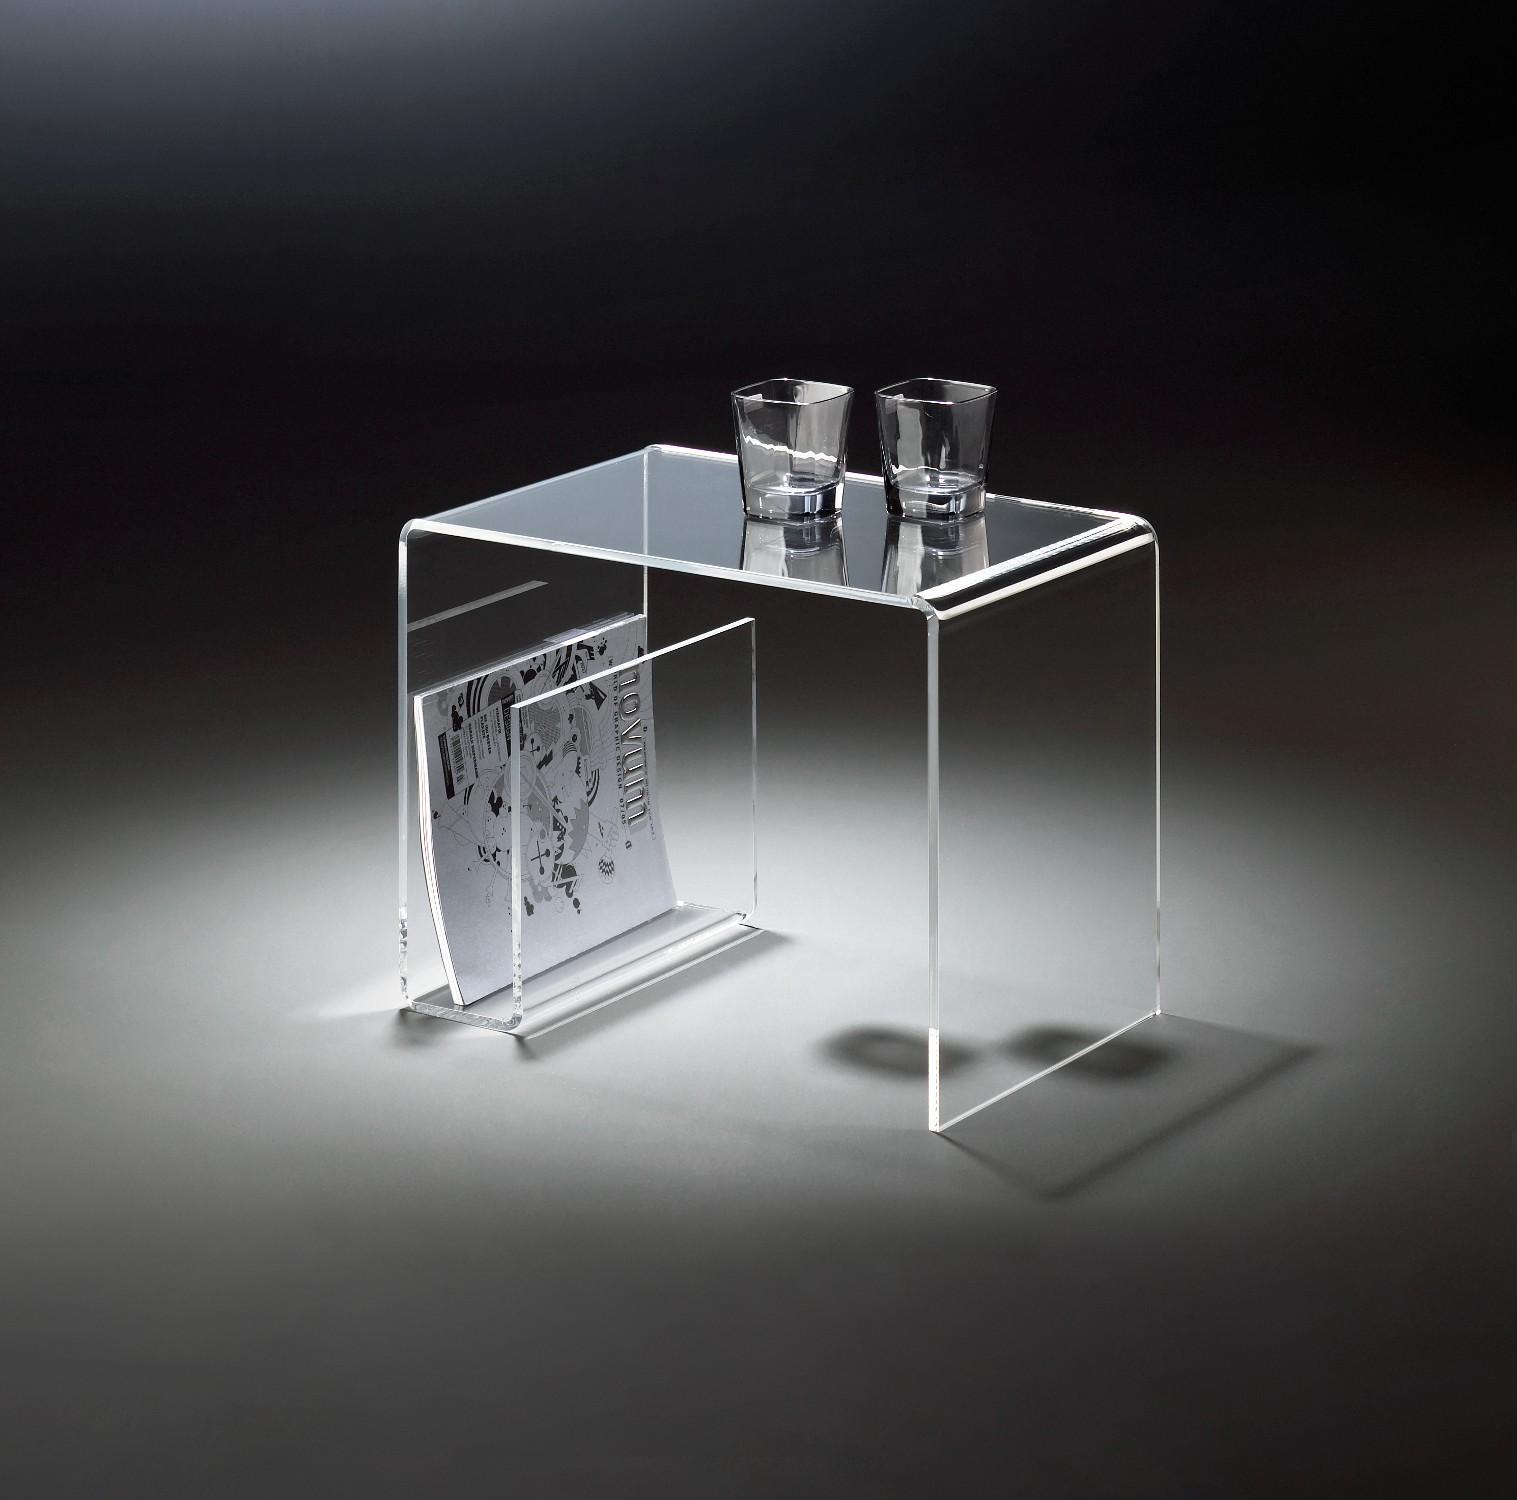 beistelltisch new york mit seitlichem zeitungsfach acrylglas wohnen. Black Bedroom Furniture Sets. Home Design Ideas